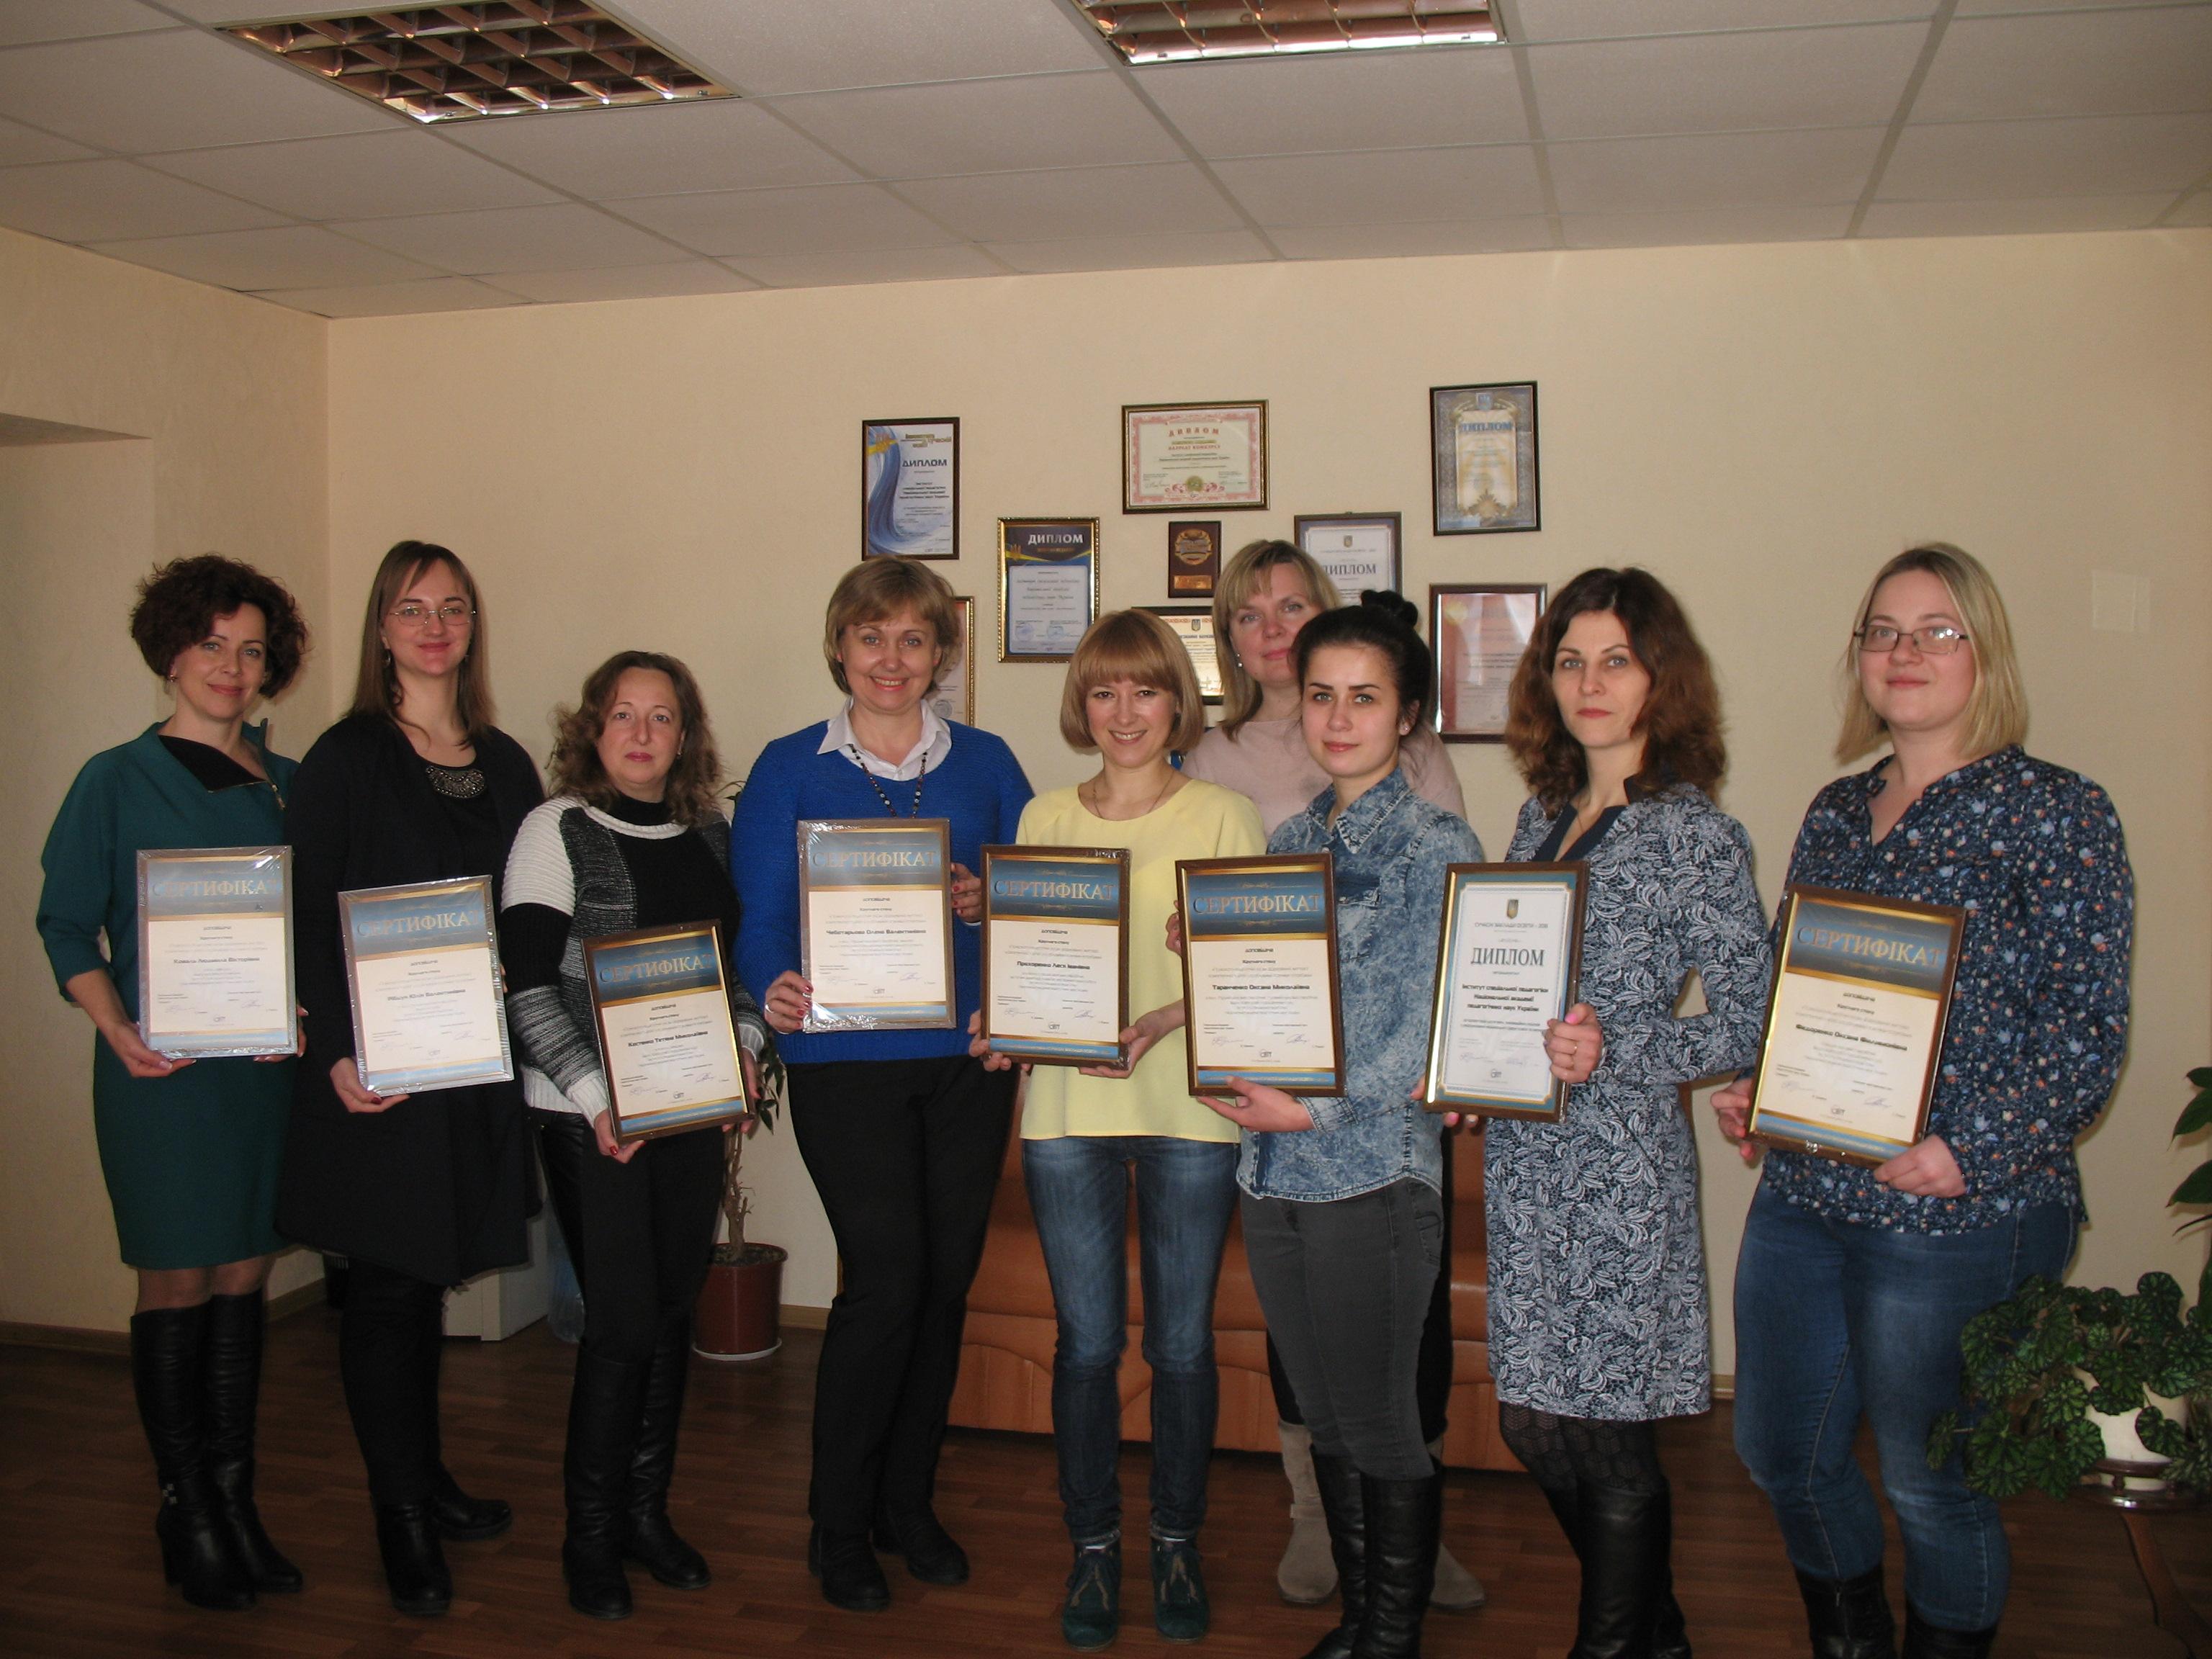 Золота медаль Інституту спеціальної педагогіки НАПН України